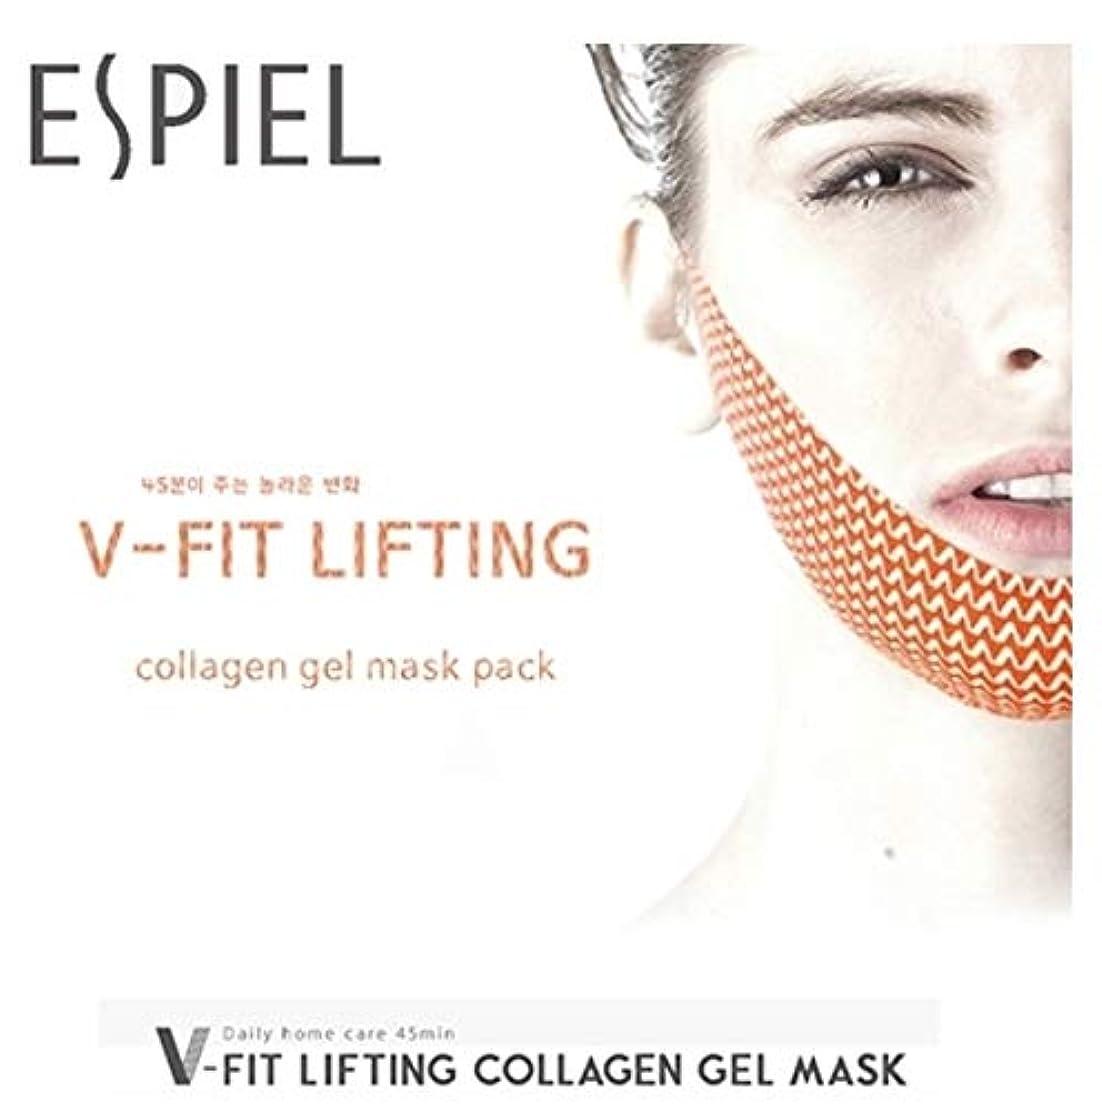 逸脱それから崇拝します【ESPIEL]五ピットリフティングコラーゲンゲルマスク(5EA)/ V FIT LIFTING COLLAGEN GEL MASK(5EA)